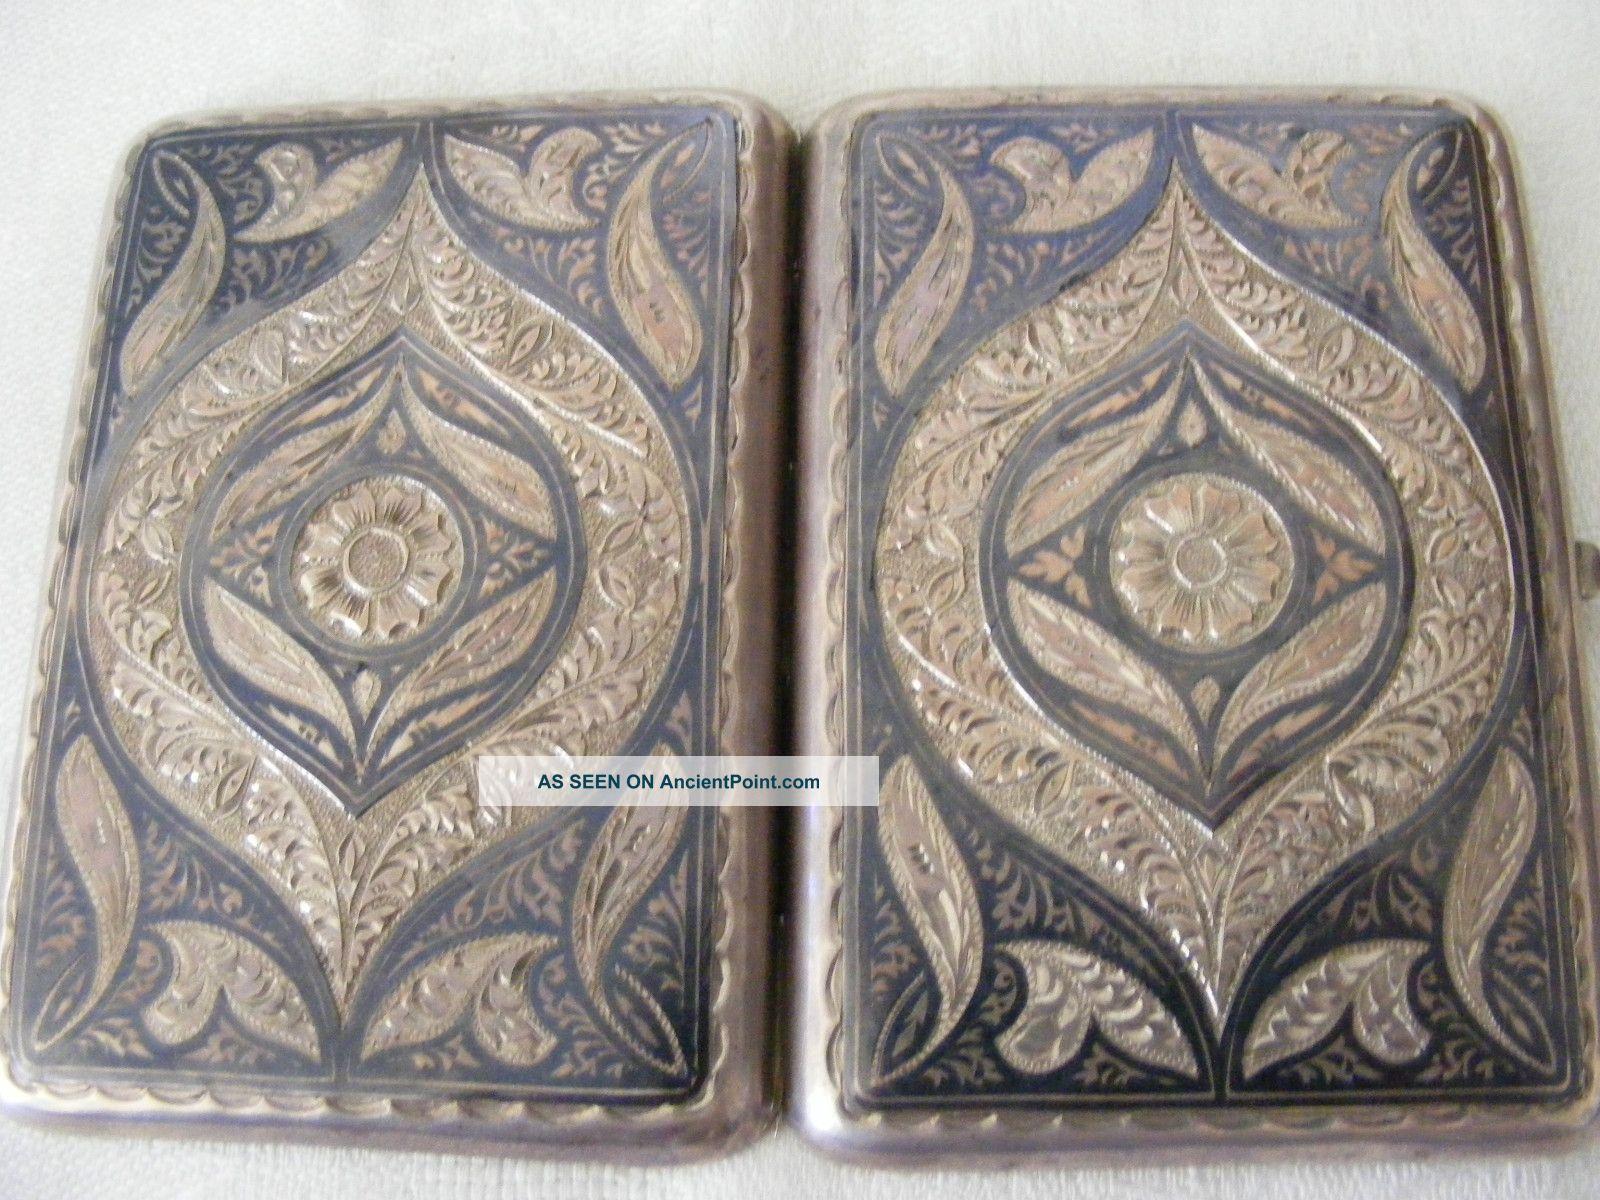 1927 - 55 Russian Silver Niello Enamel Cigarette Case Box Silber Russia Russland Russia photo